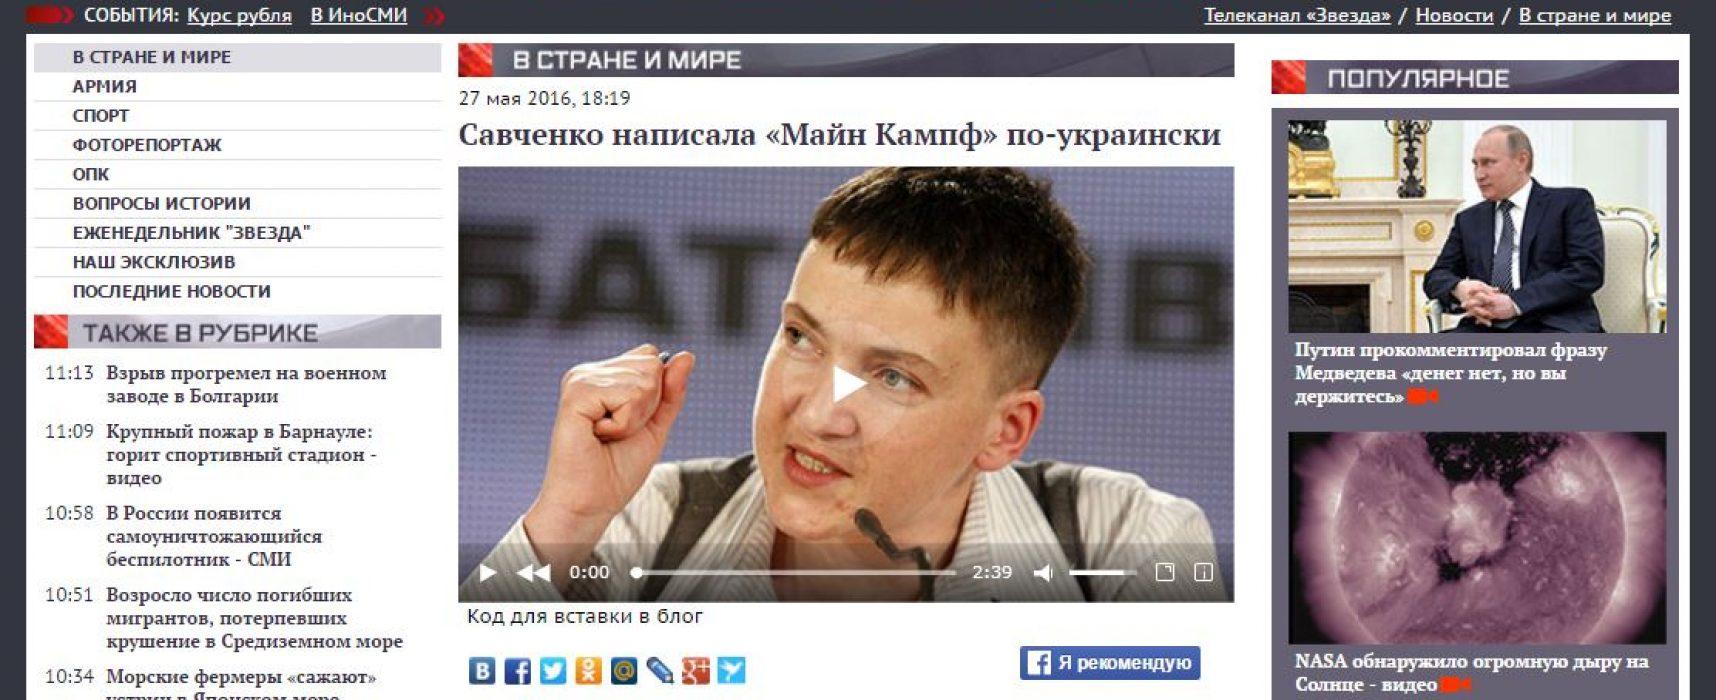 """Фейк: Савченко написала """"Майн Кампф"""" на украински"""